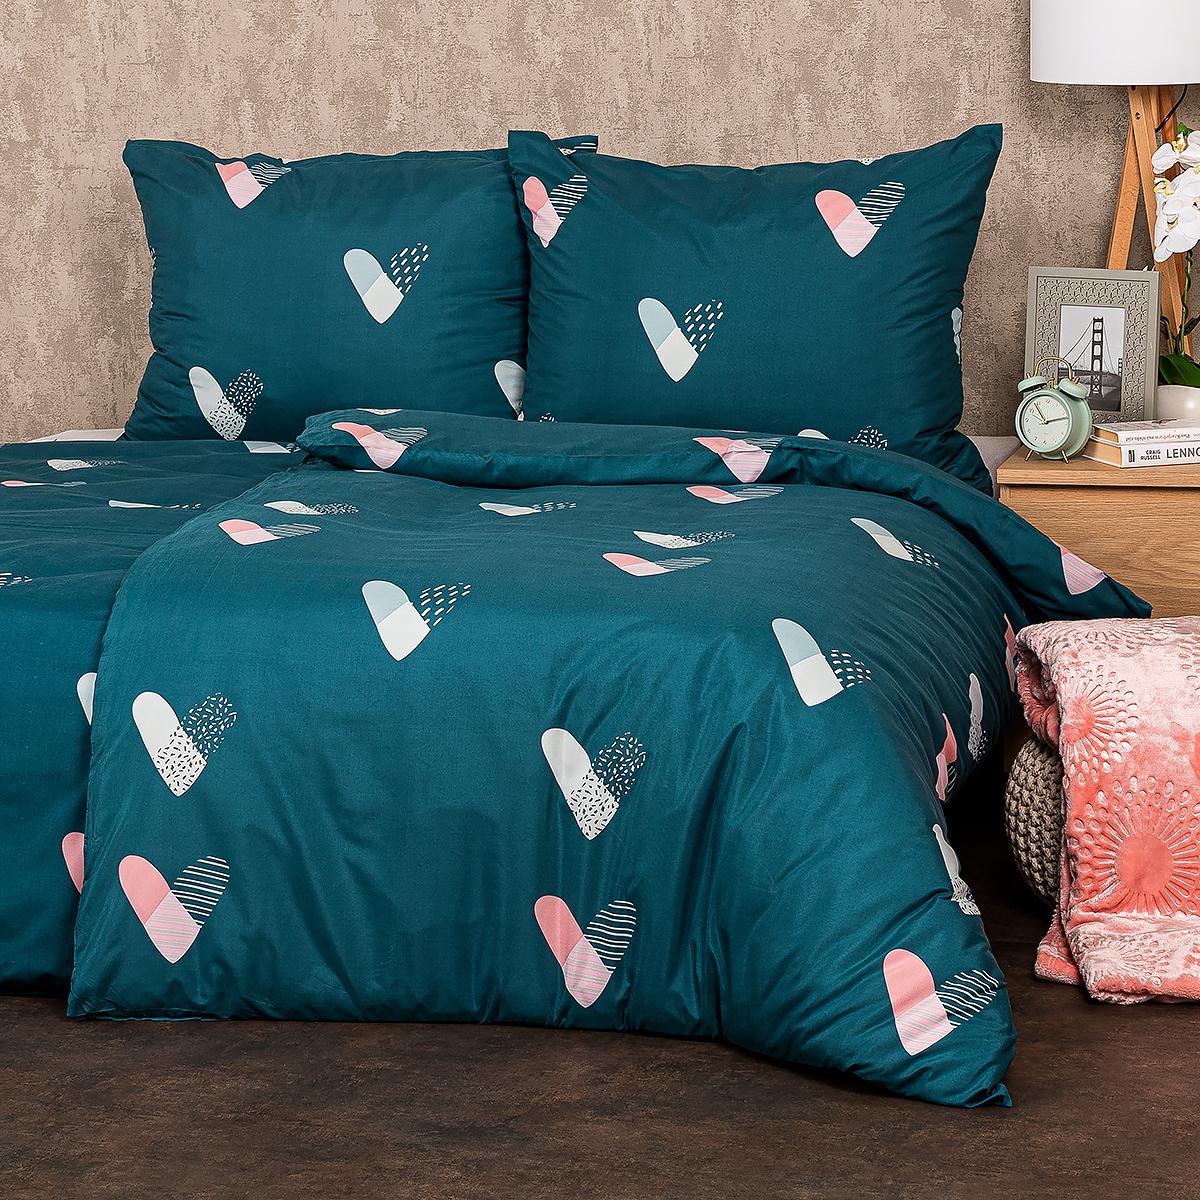 4Home Obliečky Romantic micro, 160 x 200 cm, 70 x 80 cm